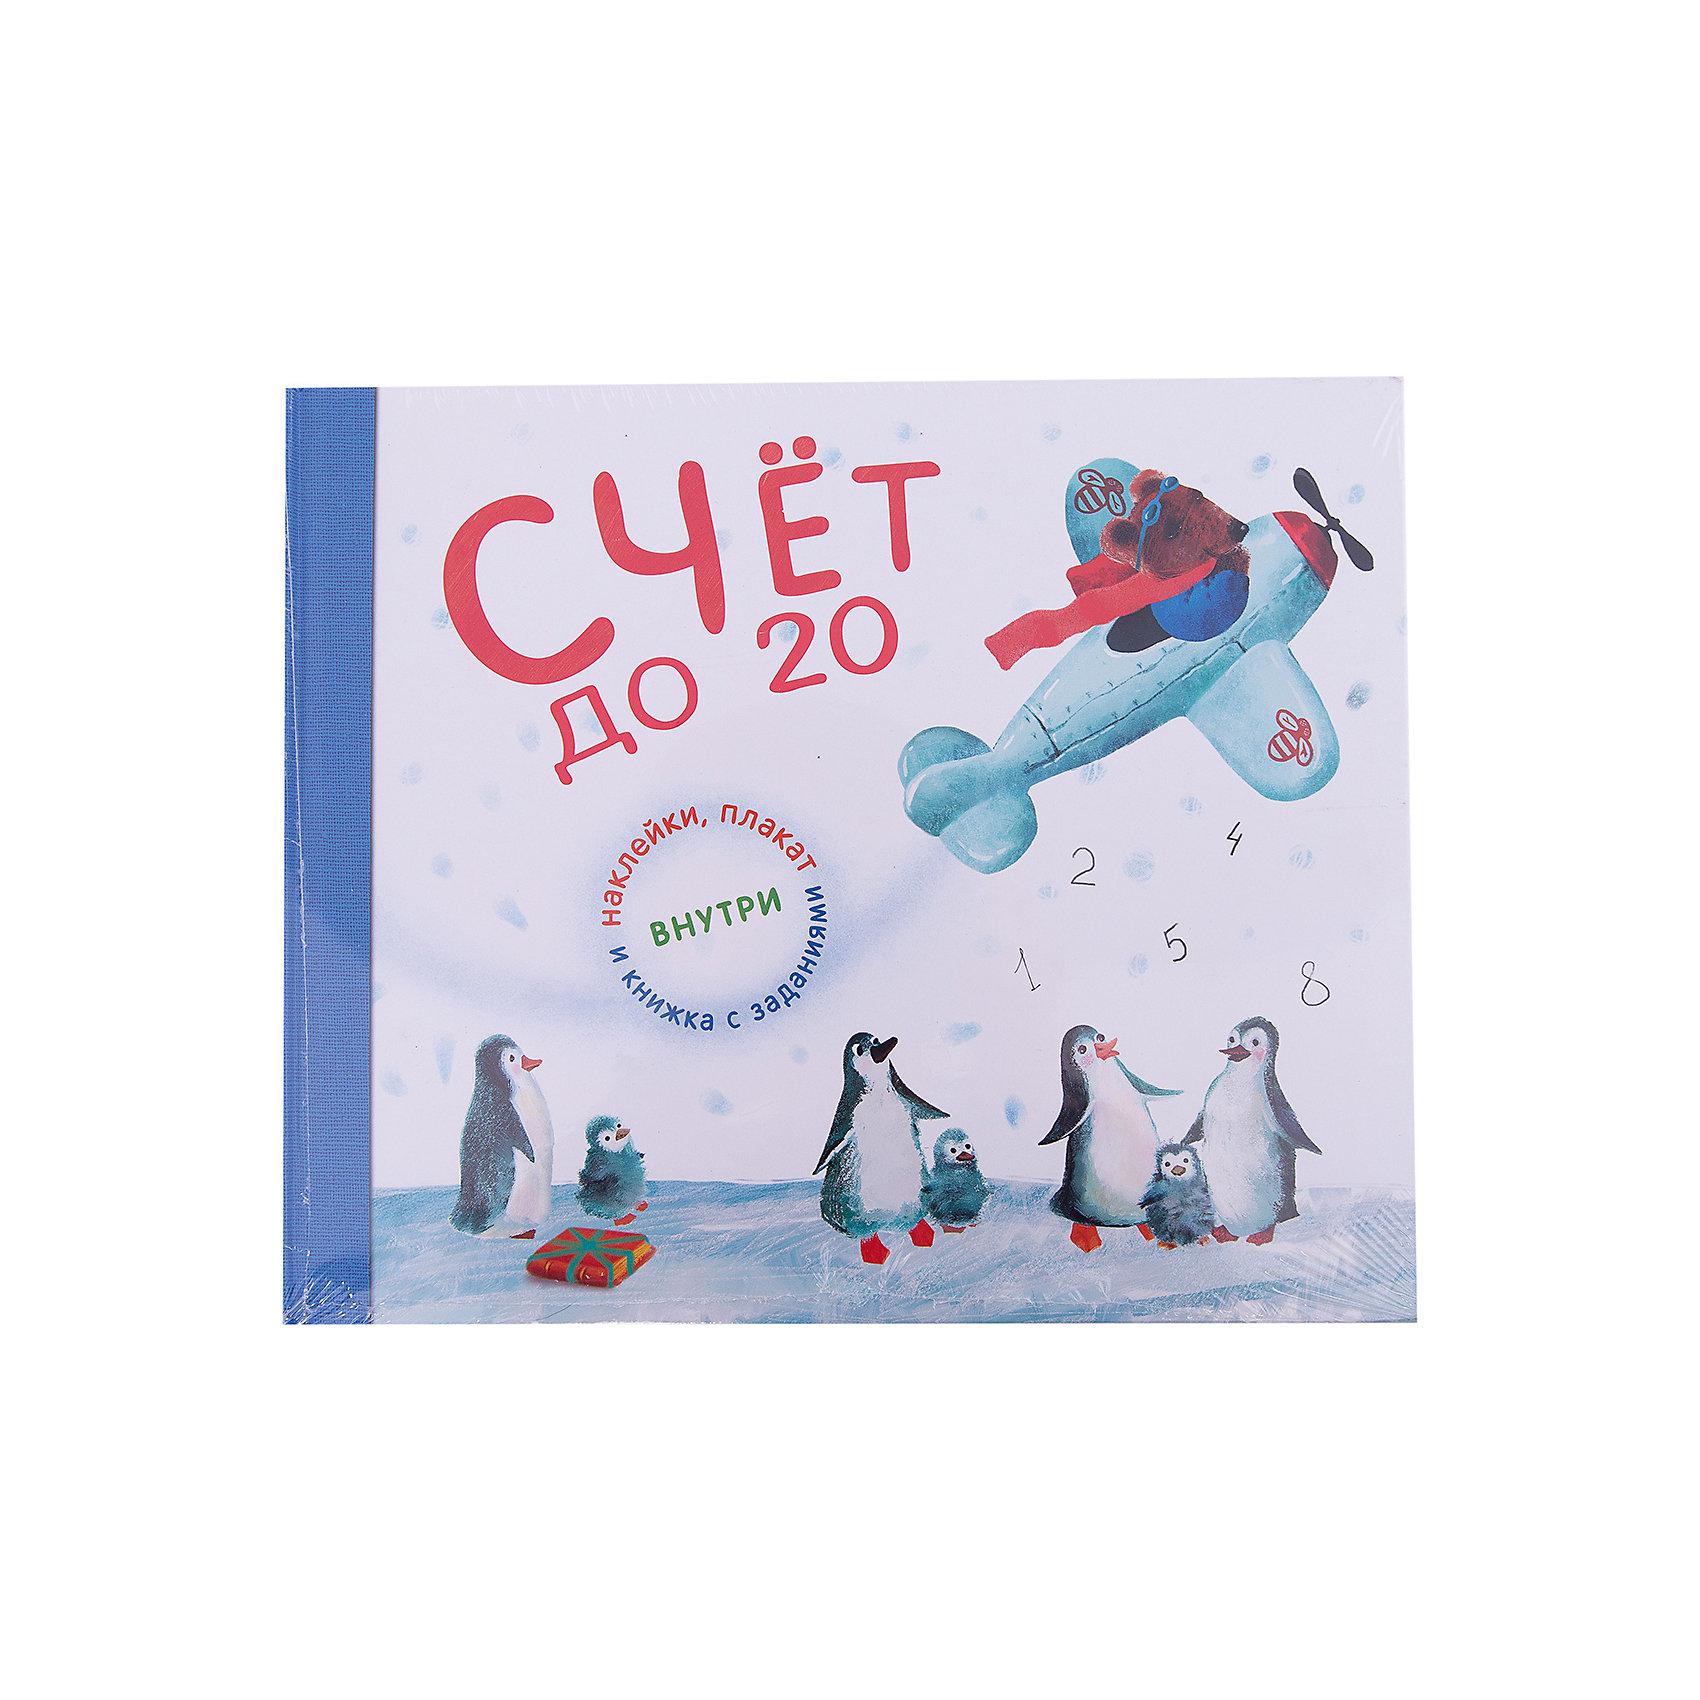 Счет до 20Обучение счету<br>Счет до 20 <br> Книга «Счет до 20» принесет много радости и пользы каждому ребенку. <br><br>Очаровательный медвежонок и его друзья помогут Вашему малышу освоить счет до 20. <br><br>Каждому числу посвящена отдельная страница. Легко запомнить новую цифру ребенку поможет стихотворение и красочная картинка, на которой ему предстоит найти и посчитать овец у речки, звездочки в небе, пингвинов в Антарктиде и так далее. <br>Кстати, стихи в книге обязательно понравятся ребенку - они добрые, веселые, их очень легко запомнить. <br> Например: <br><br> В край, где морозы, метели и льдины, <br><br> В гости мишутку позвали пингвины.<br><br> Сел в самолет косолапый скорей –<br><br> Ждут в Антарктиде пятнадцать друзей.<br> Закрепить полученные знания малышу поможет большой плакат с яркими наклейками и маленькая книжечка с увлекательными заданиями, которые спрятаны на внутренней стороне обложки.<br><br>Ширина мм: 12<br>Глубина мм: 265<br>Высота мм: 220<br>Вес г: 470<br>Возраст от месяцев: 36<br>Возраст до месяцев: 84<br>Пол: Унисекс<br>Возраст: Детский<br>SKU: 6896504